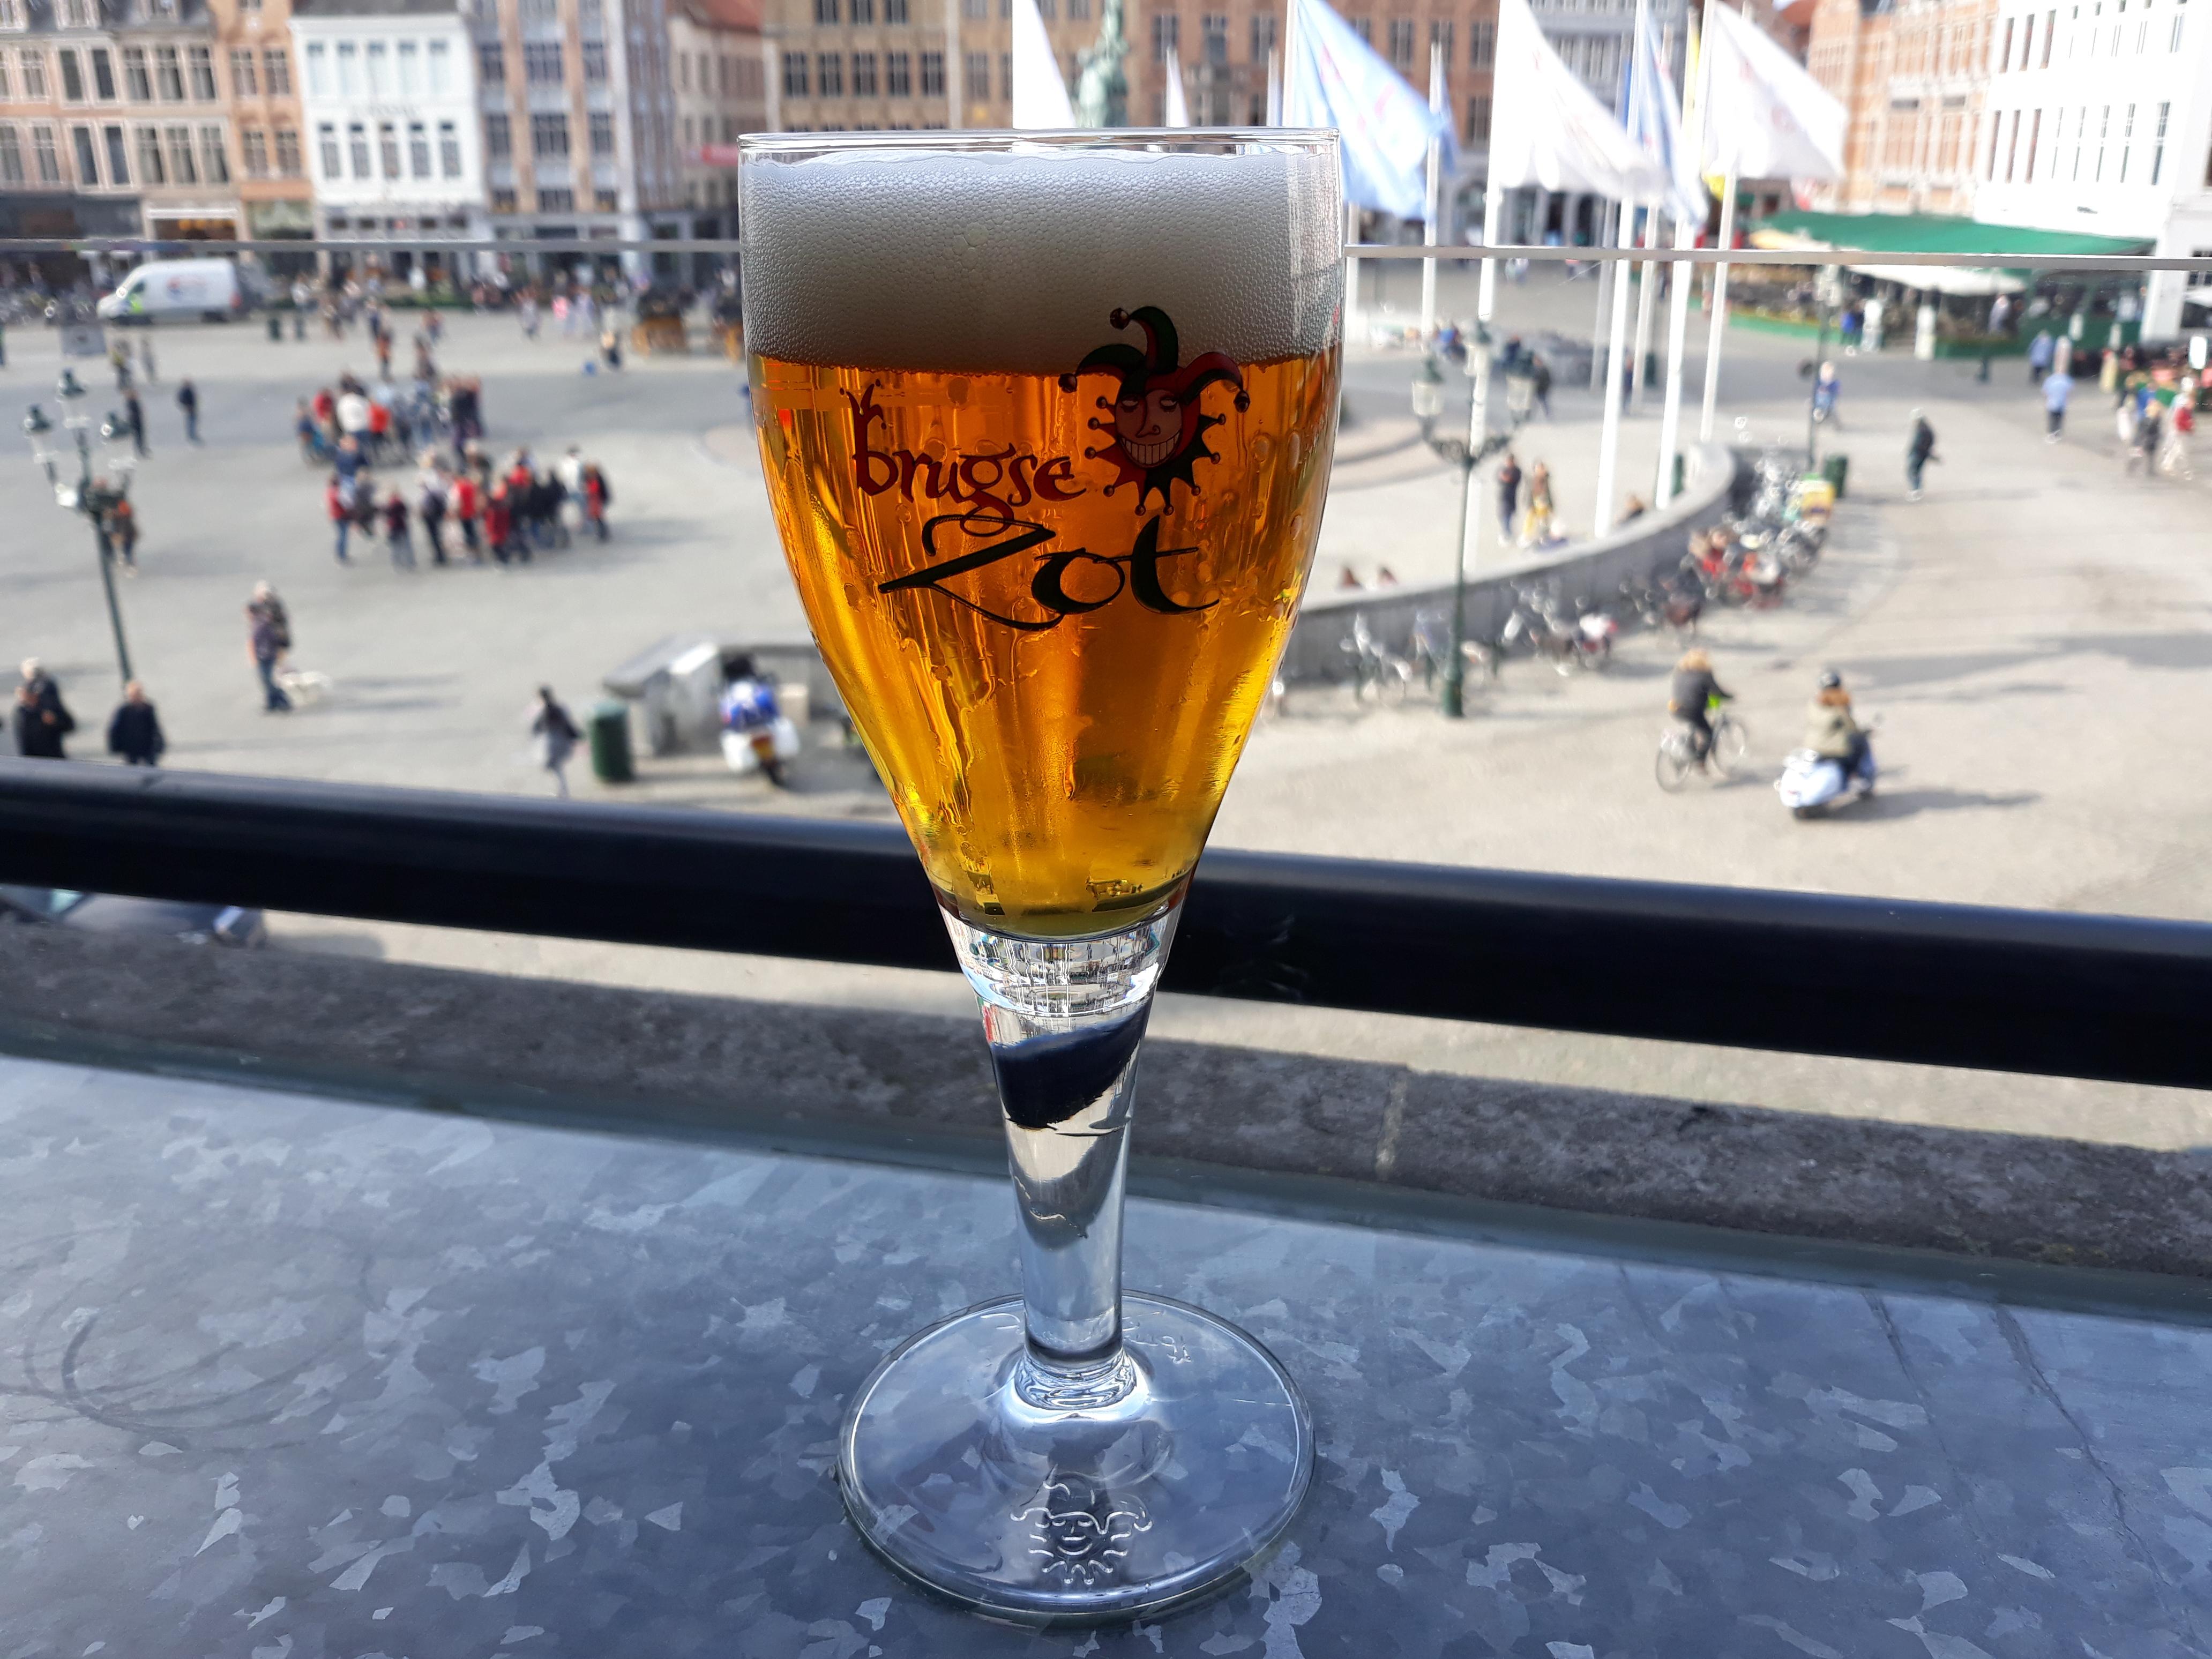 Bruges - Brugse Zot